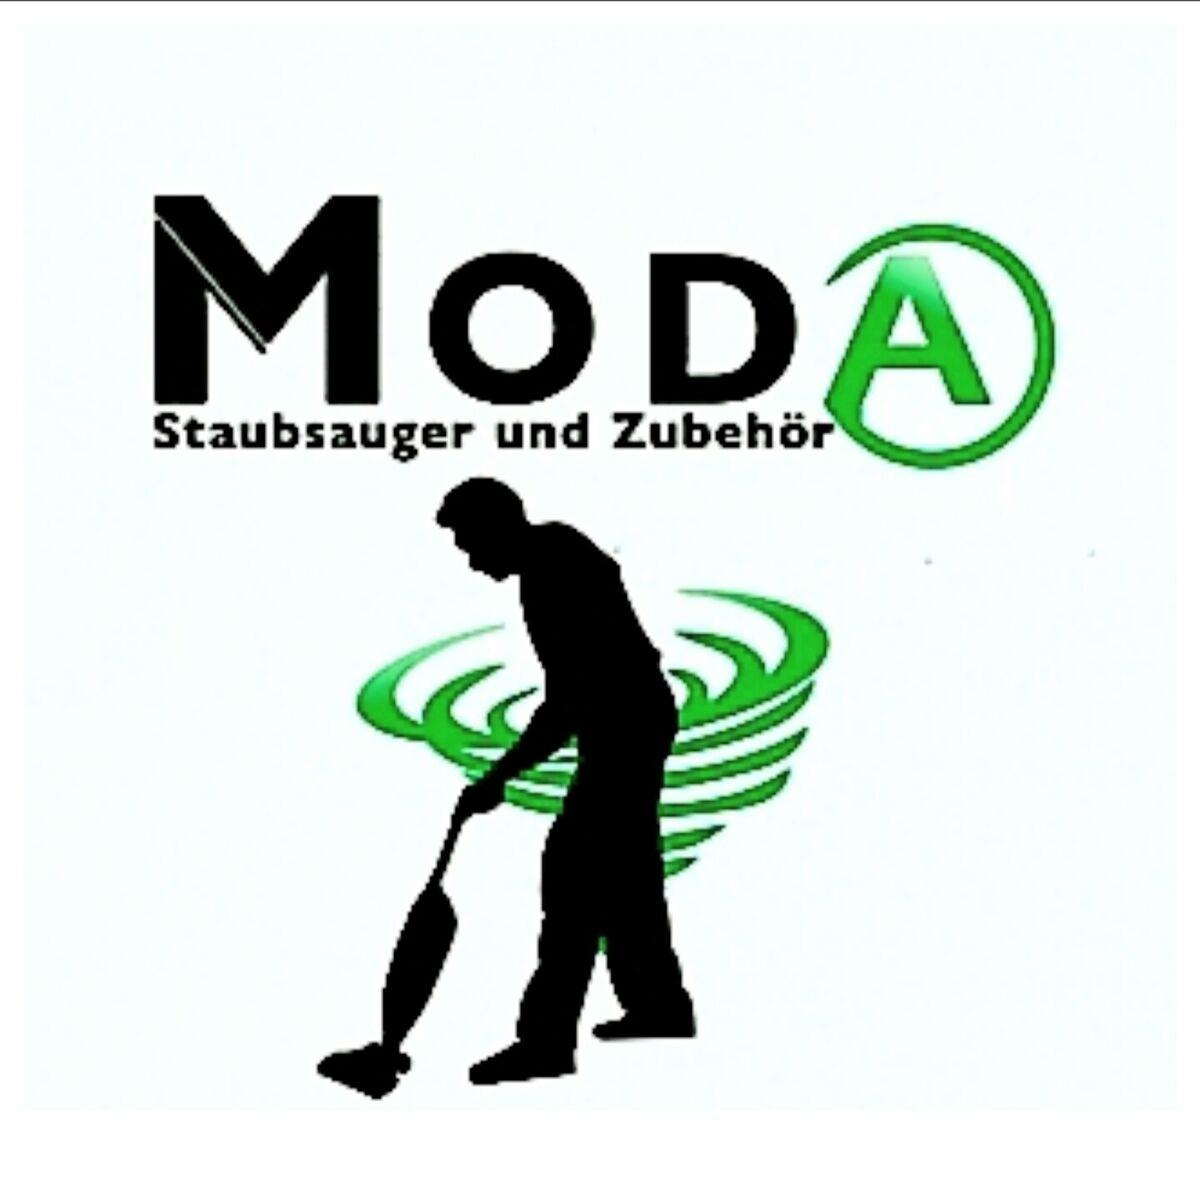 MoDa Staubsauger u Zubehör